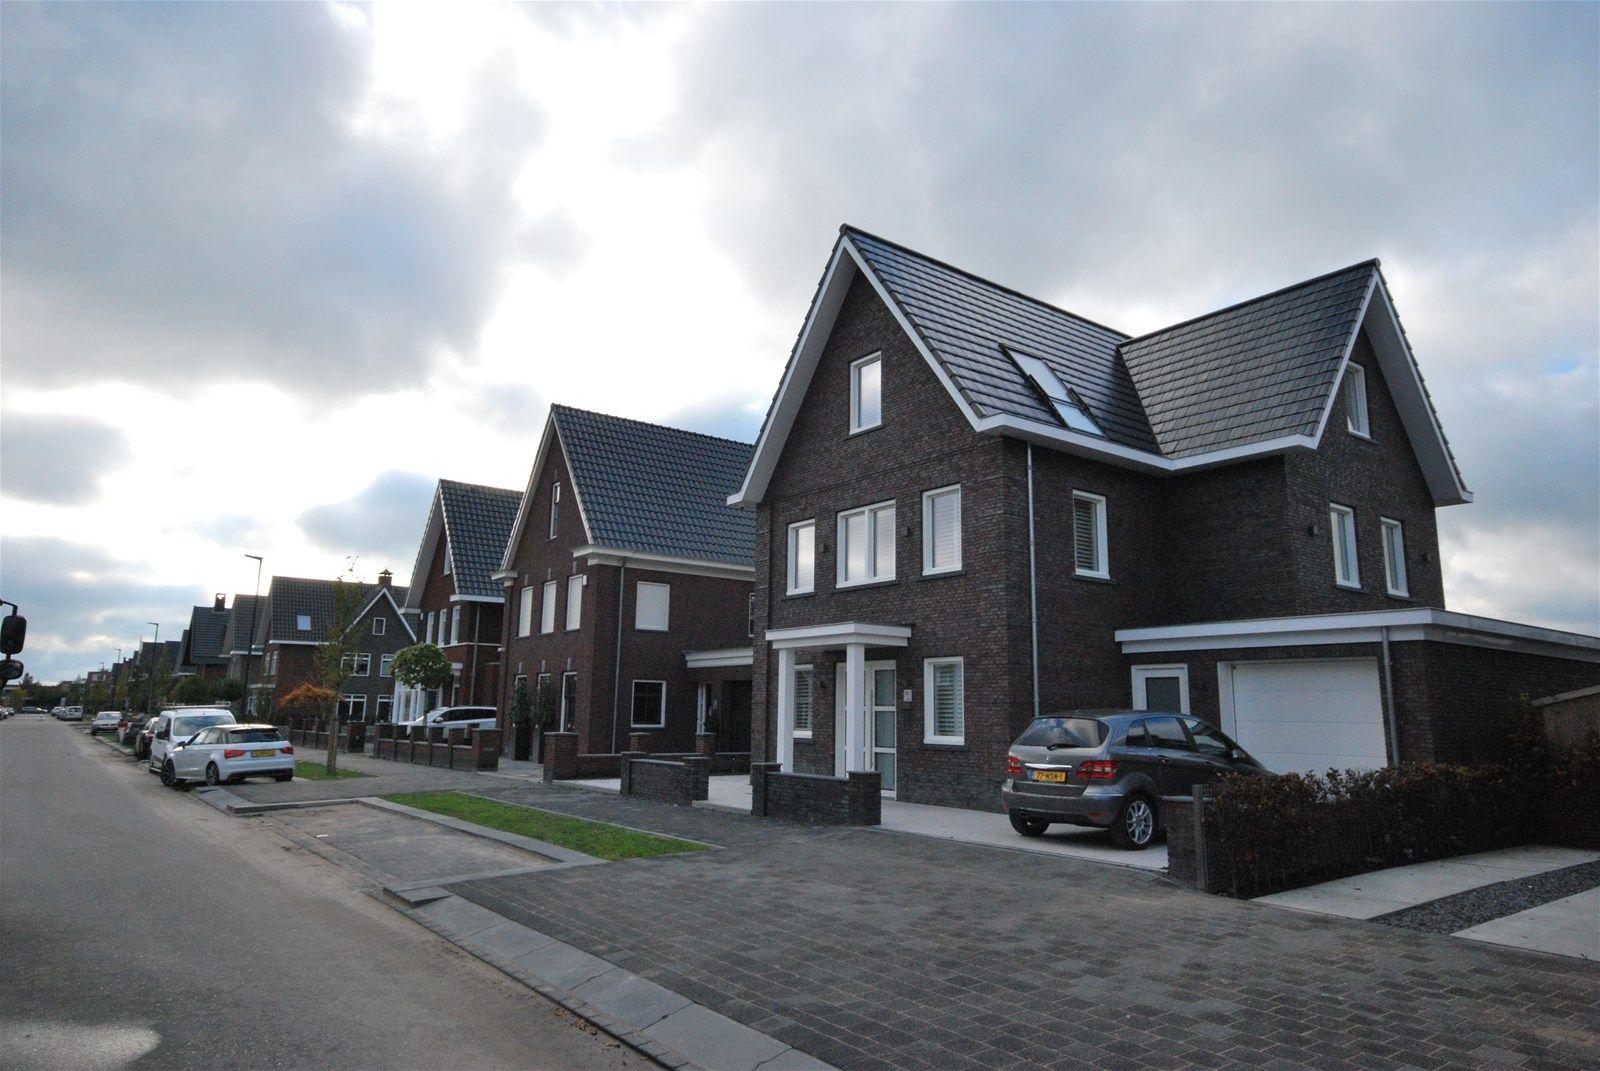 Den Oeverlaan 1-47, Volendam